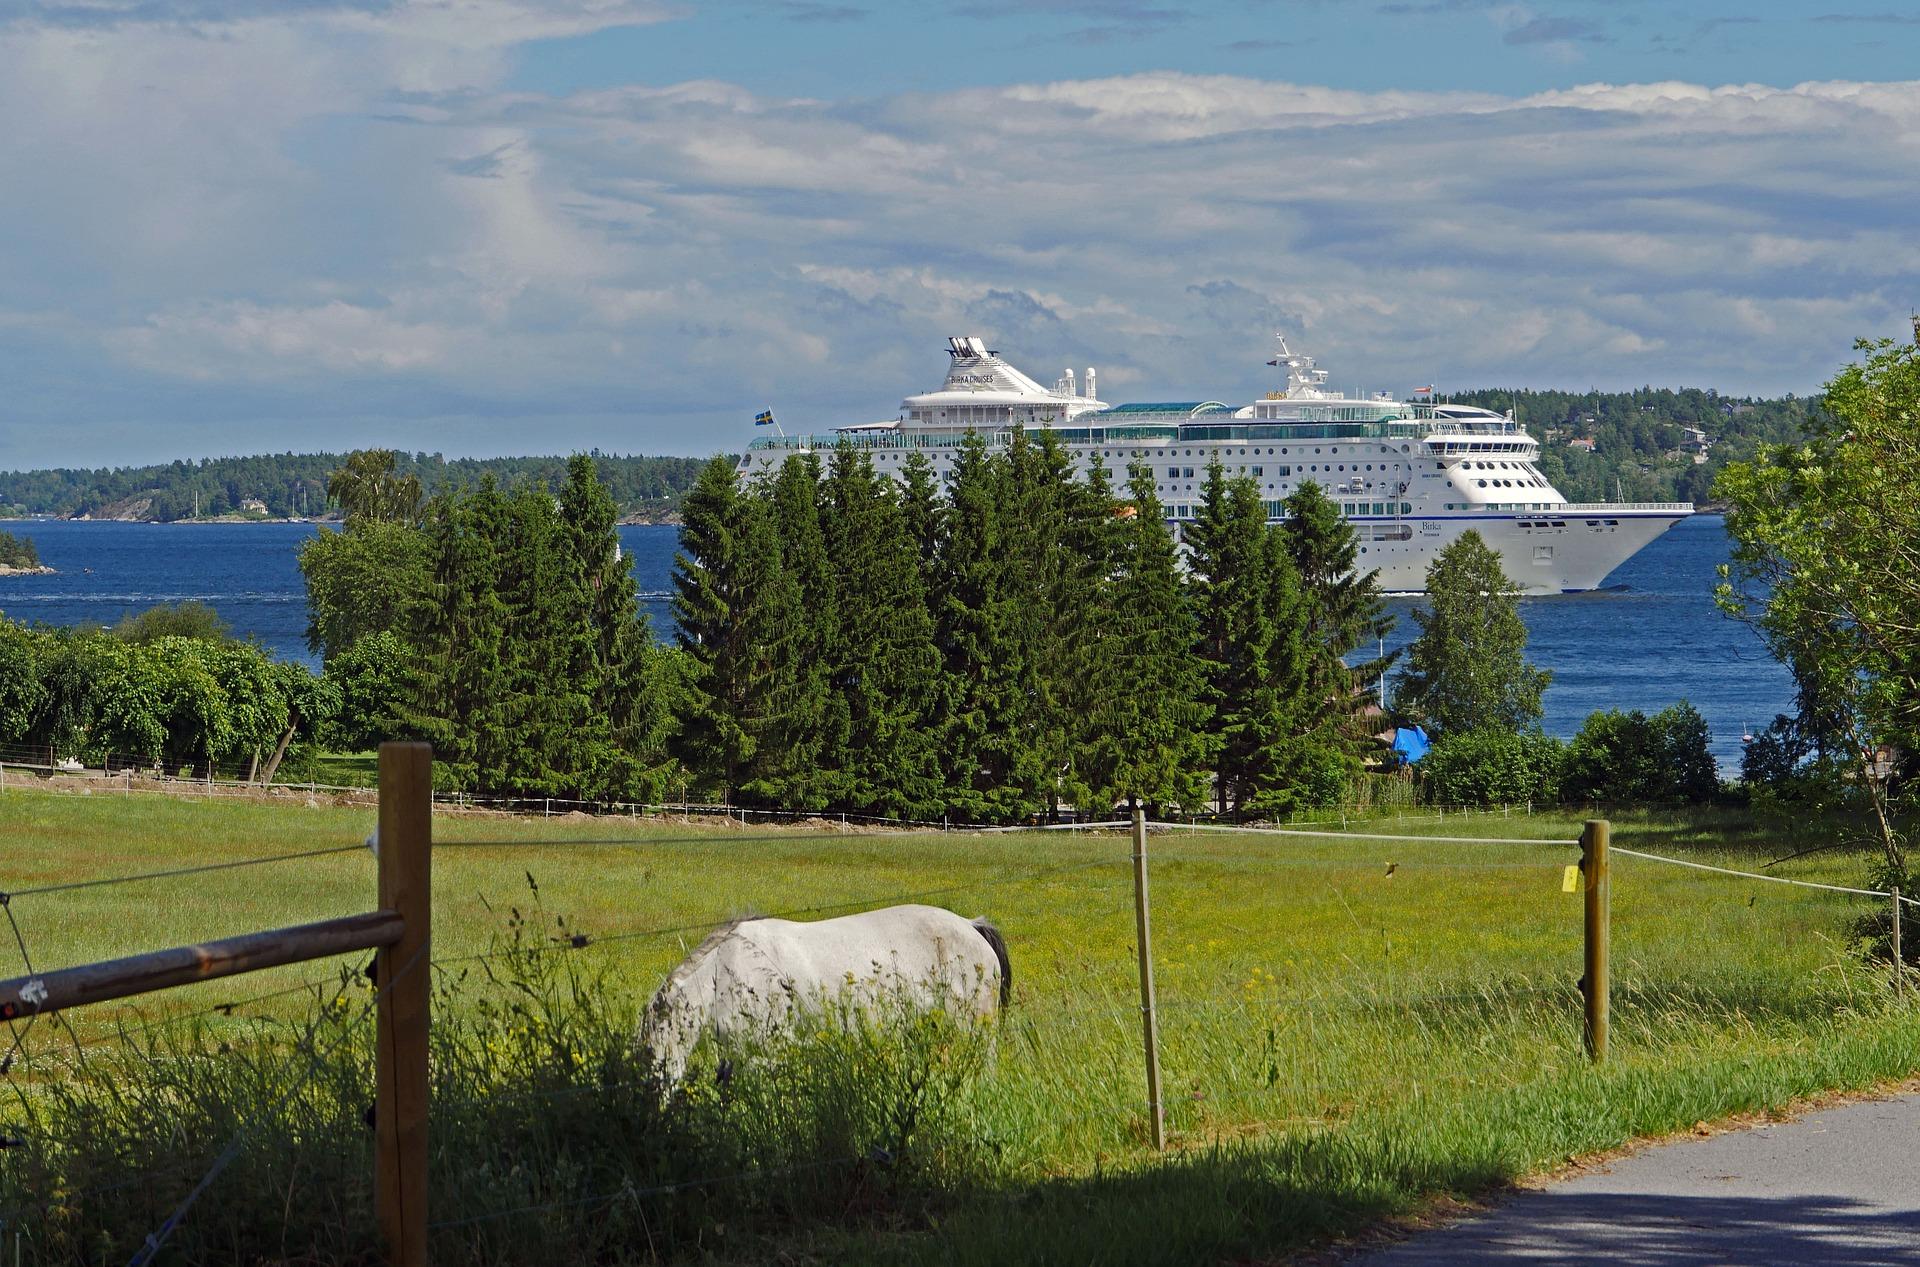 Tradewind Voyages Golden Horizon Ship